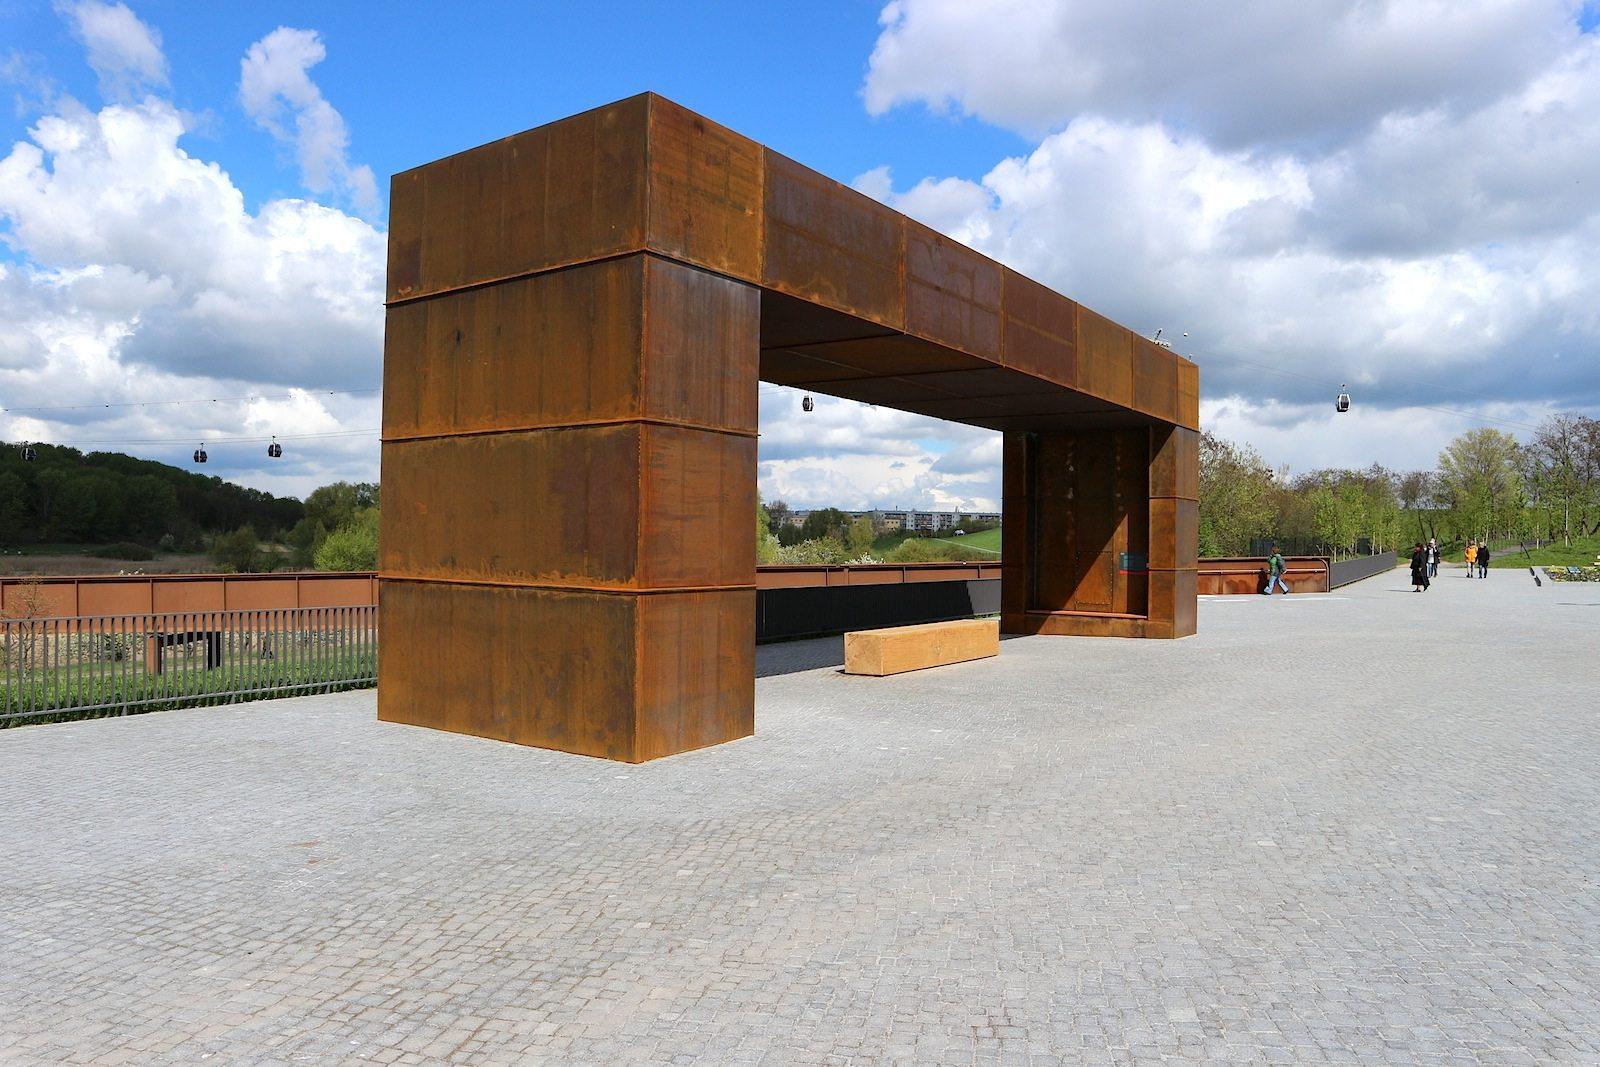 Belvedere. Belvedere (vom Italienischen bel vedere) steht für schöne Aussicht. Der 3,50 x 18 Meter große stählerne Rahmen lenkt den Blick wie durch ein Fenster.